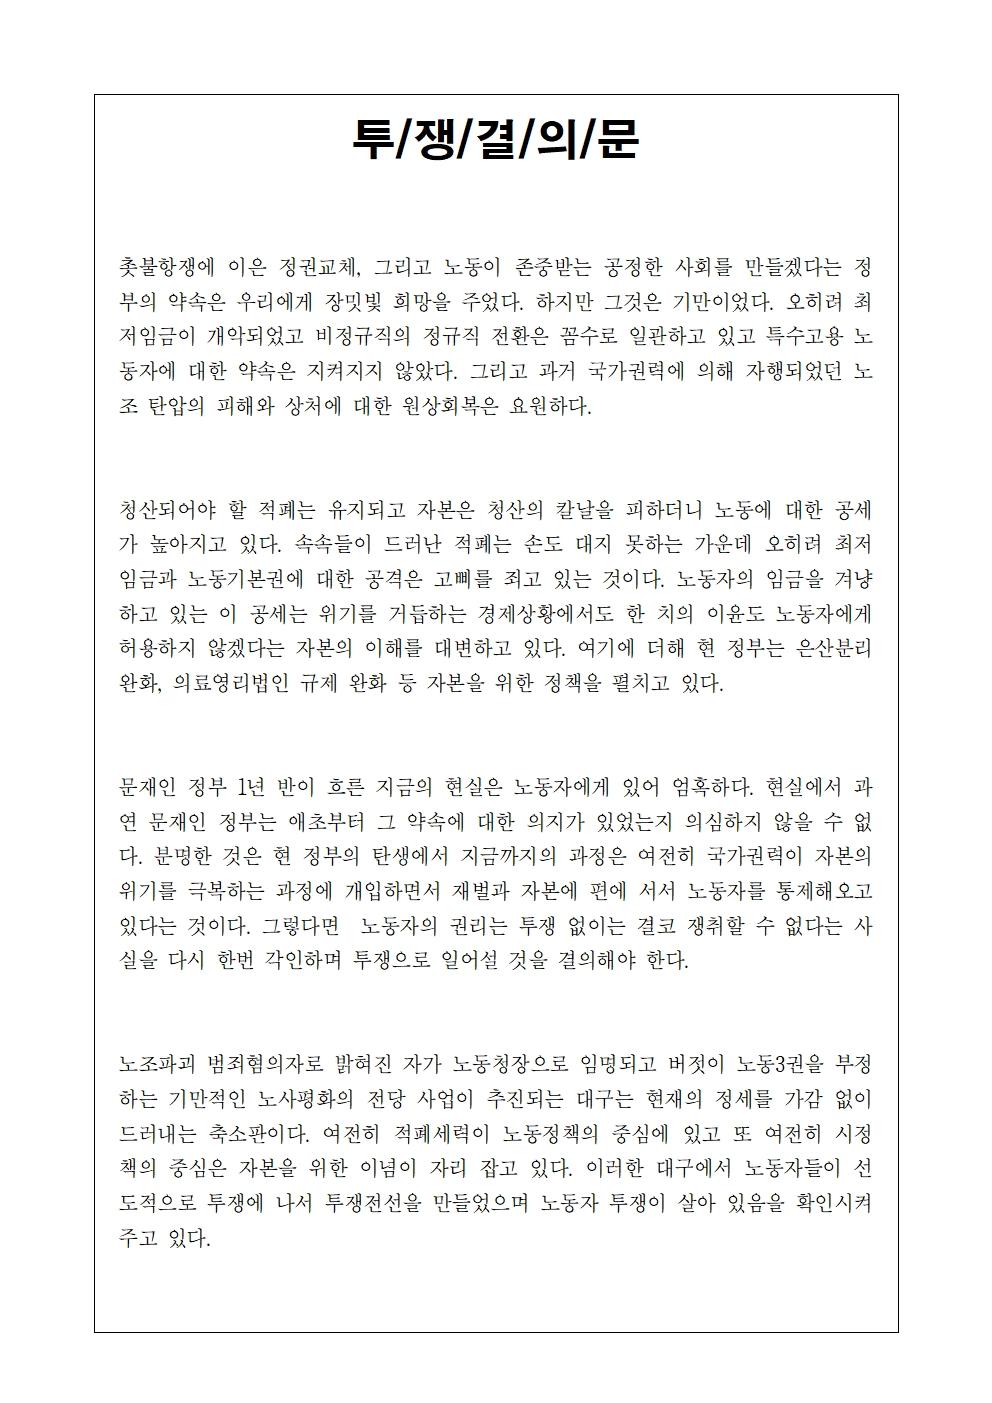 민주노총결의대회결의문001.jpg